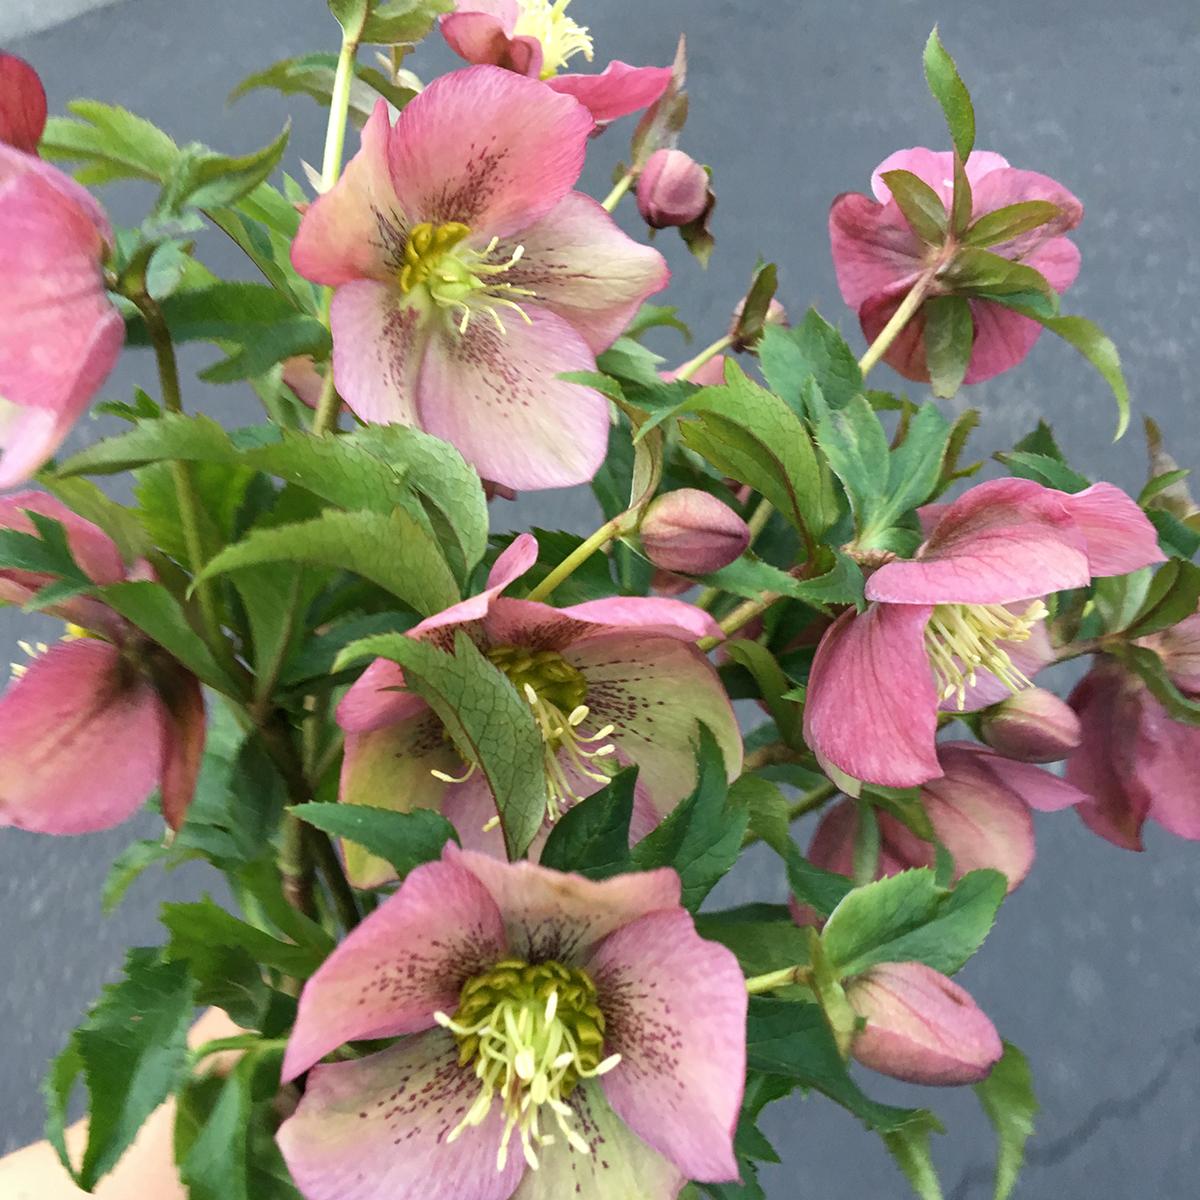 spring flowers 7.jpg